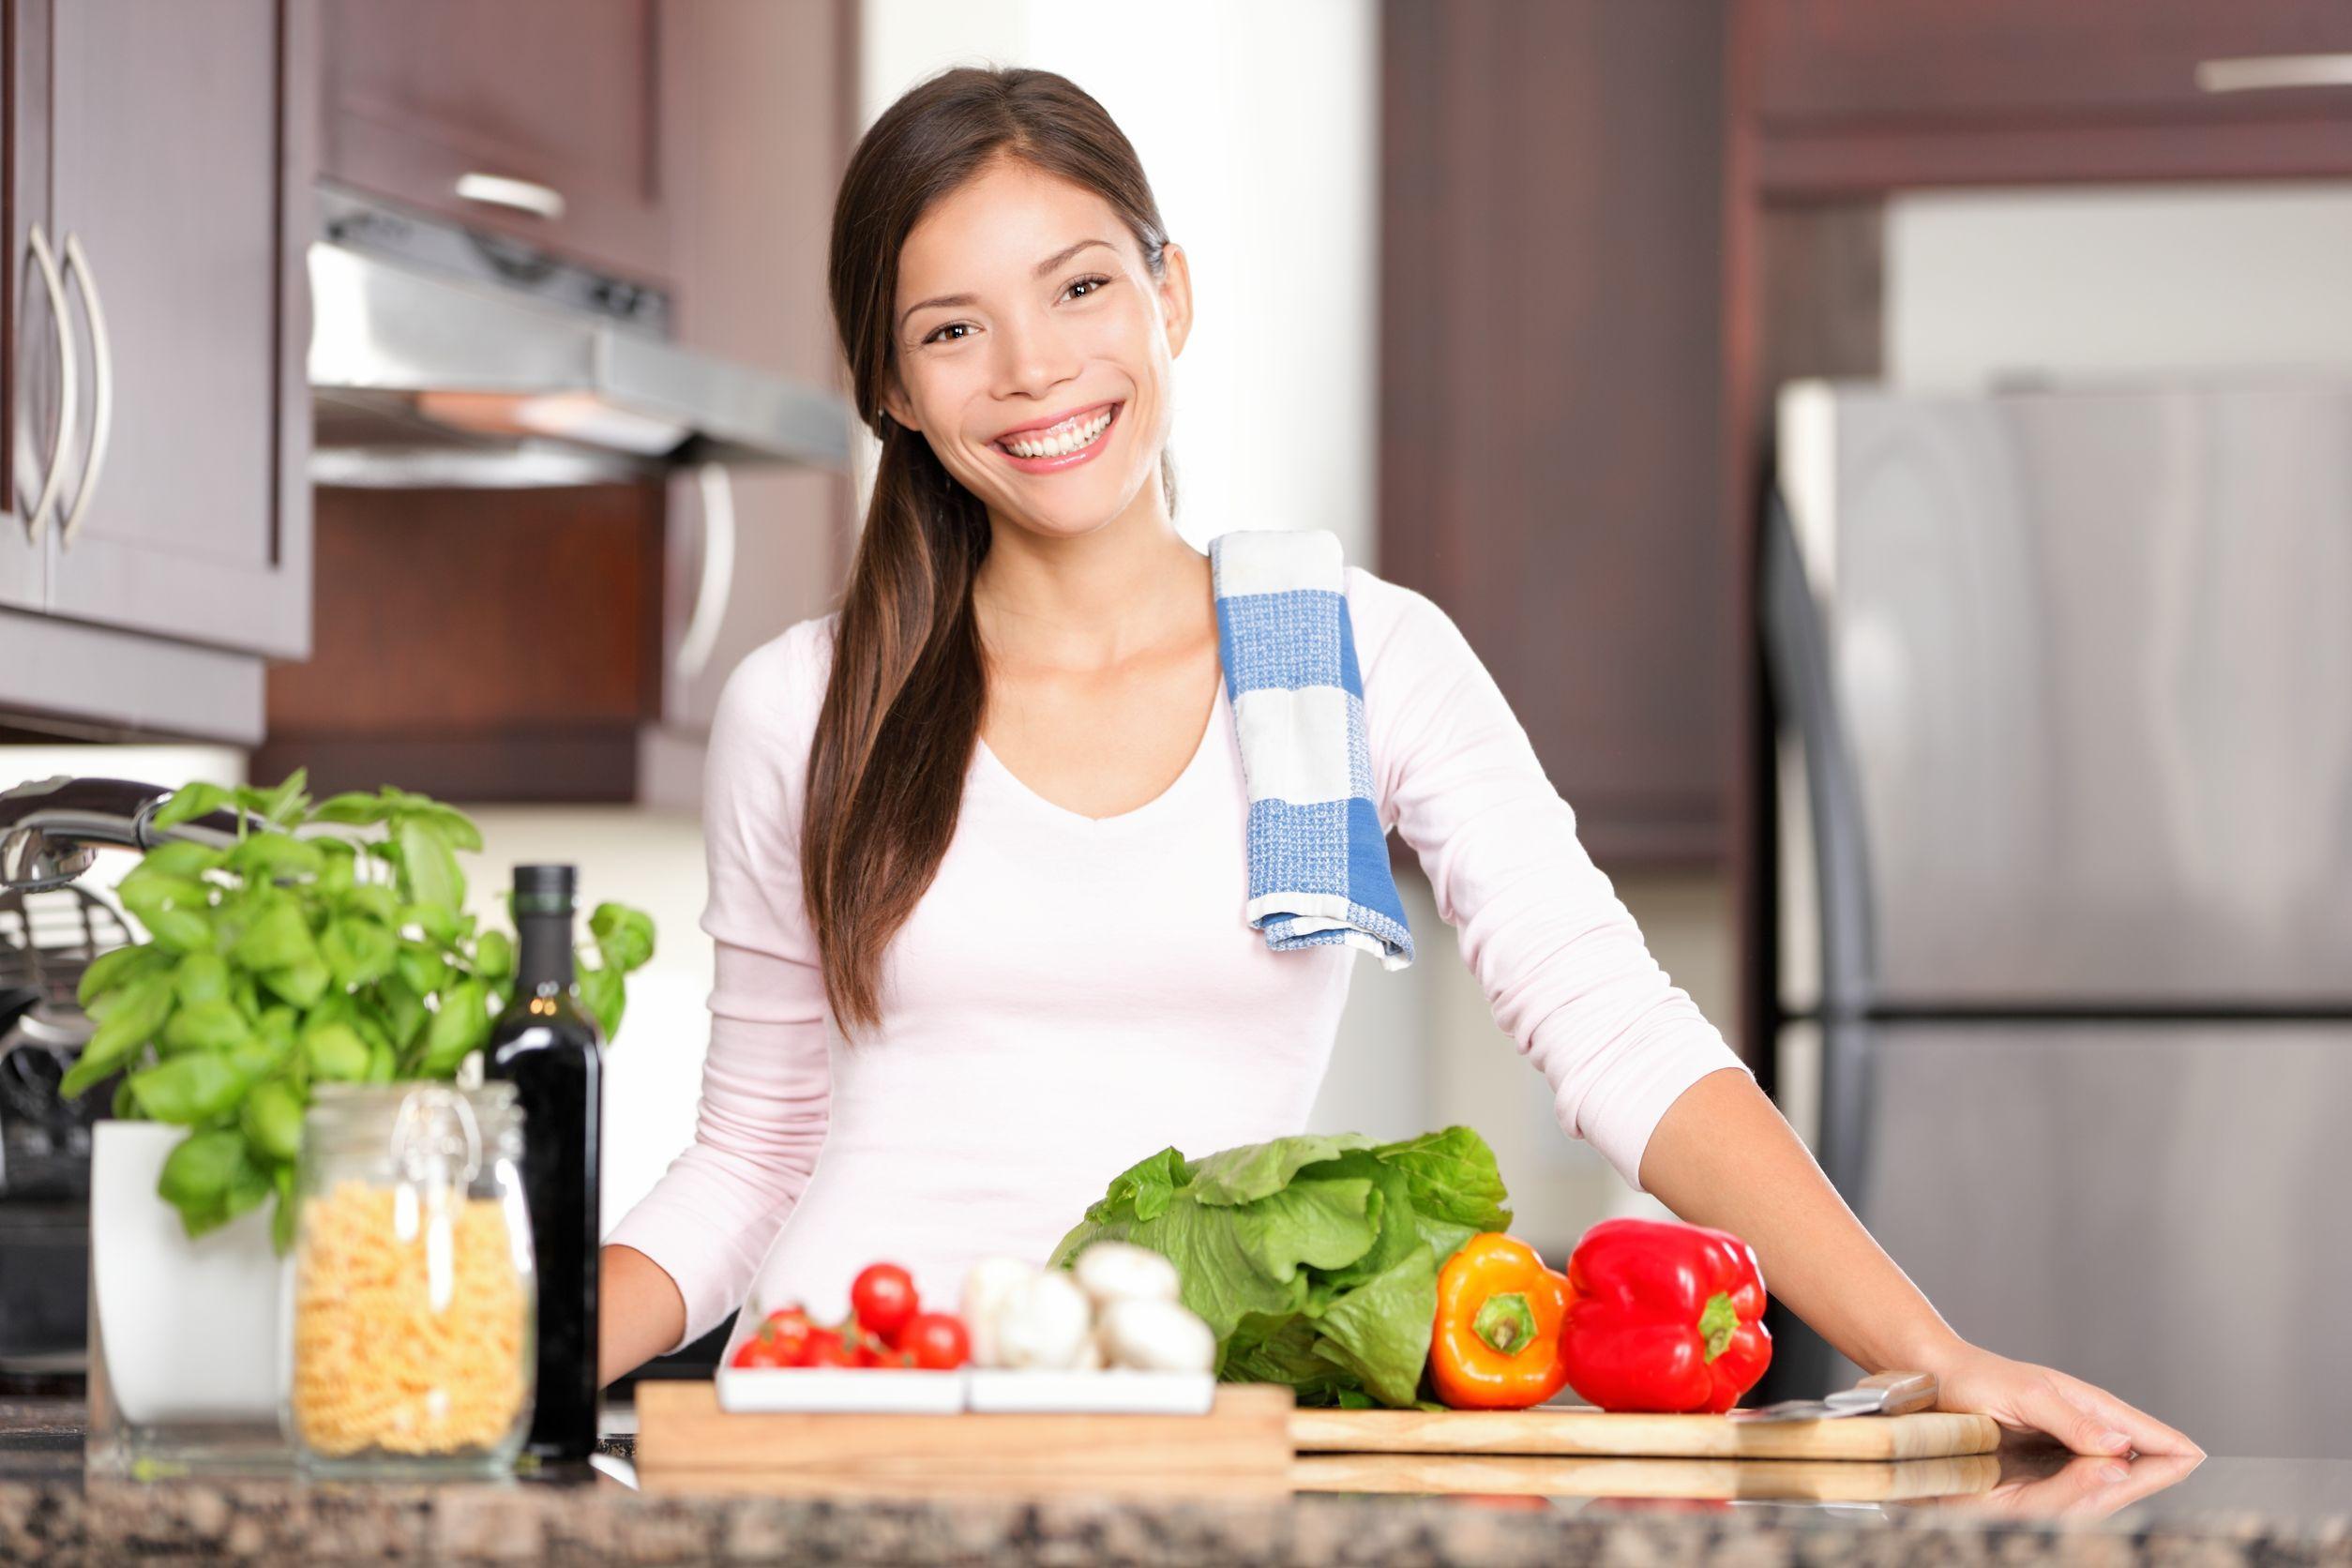 Рецепт счастья: вкусные диетические блюда